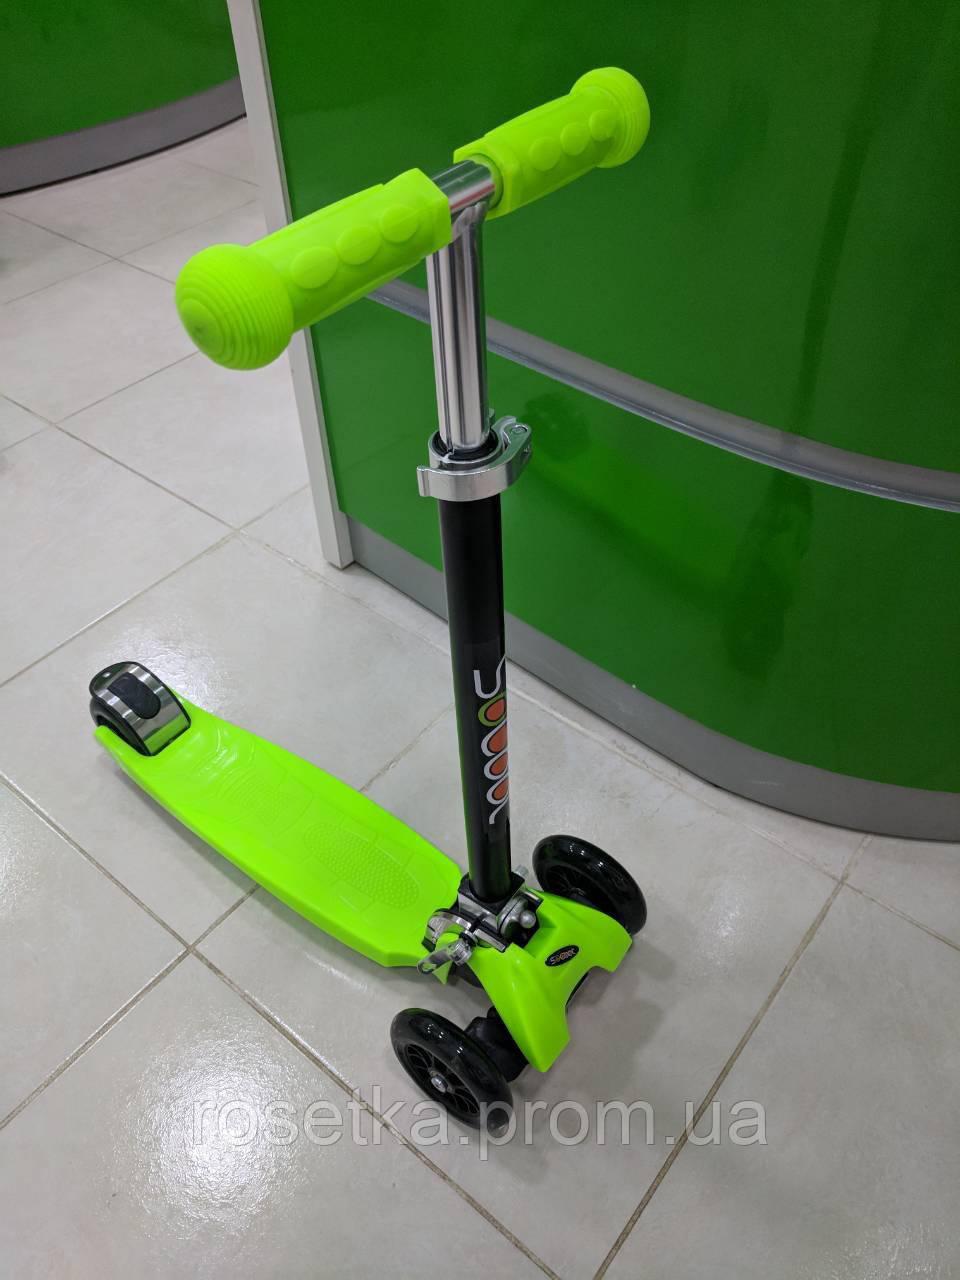 Детский трехколесный самокат Scooter для детей от 6 лет